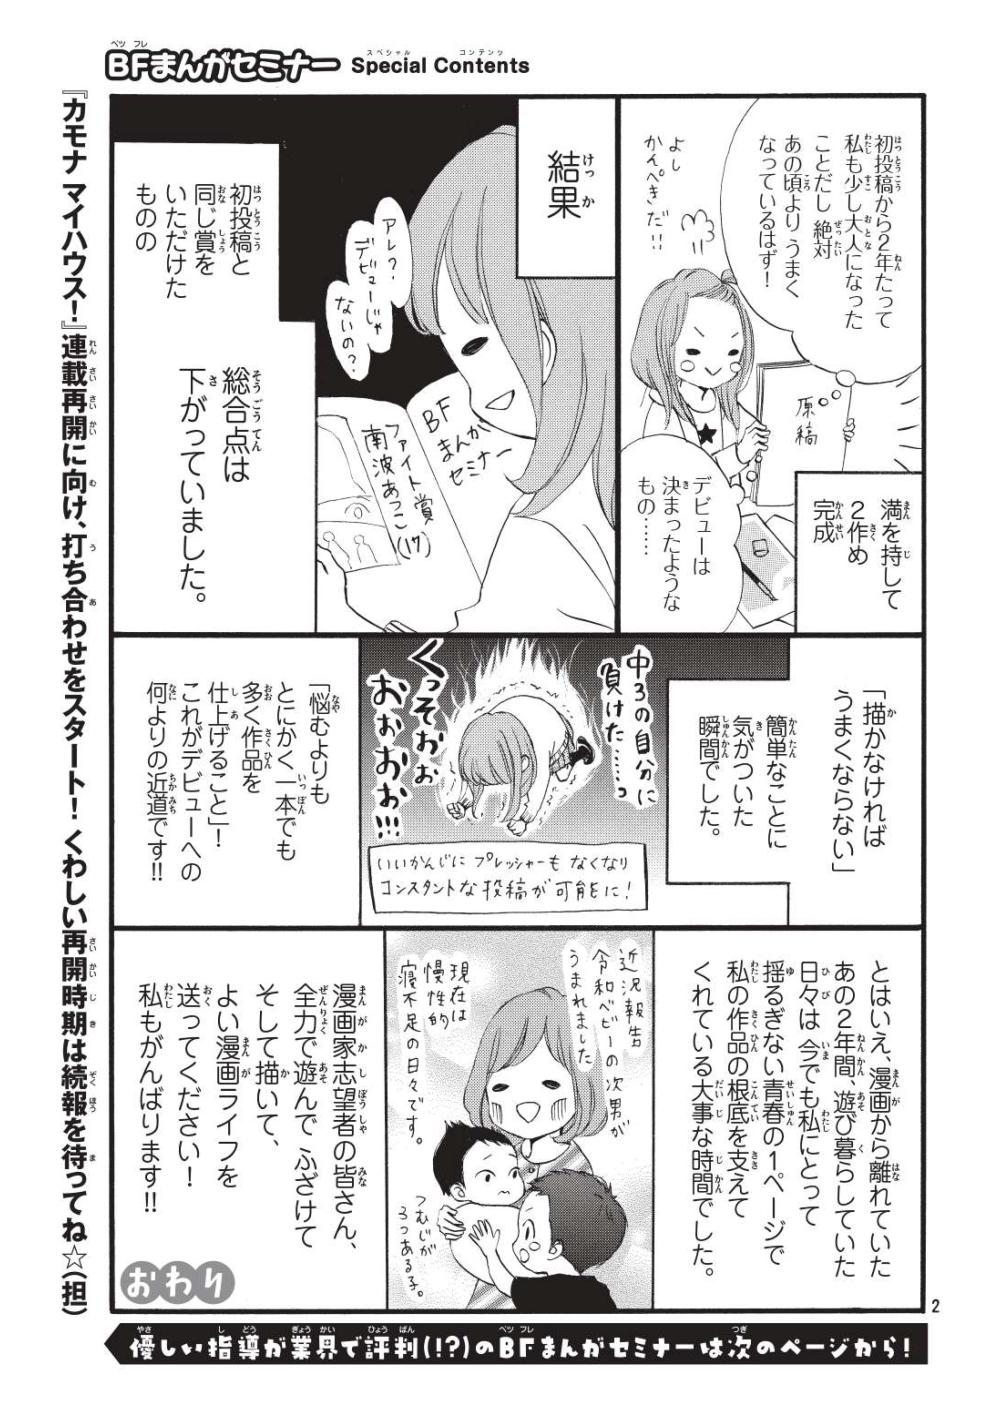 南波あつこ 漫画 レポート